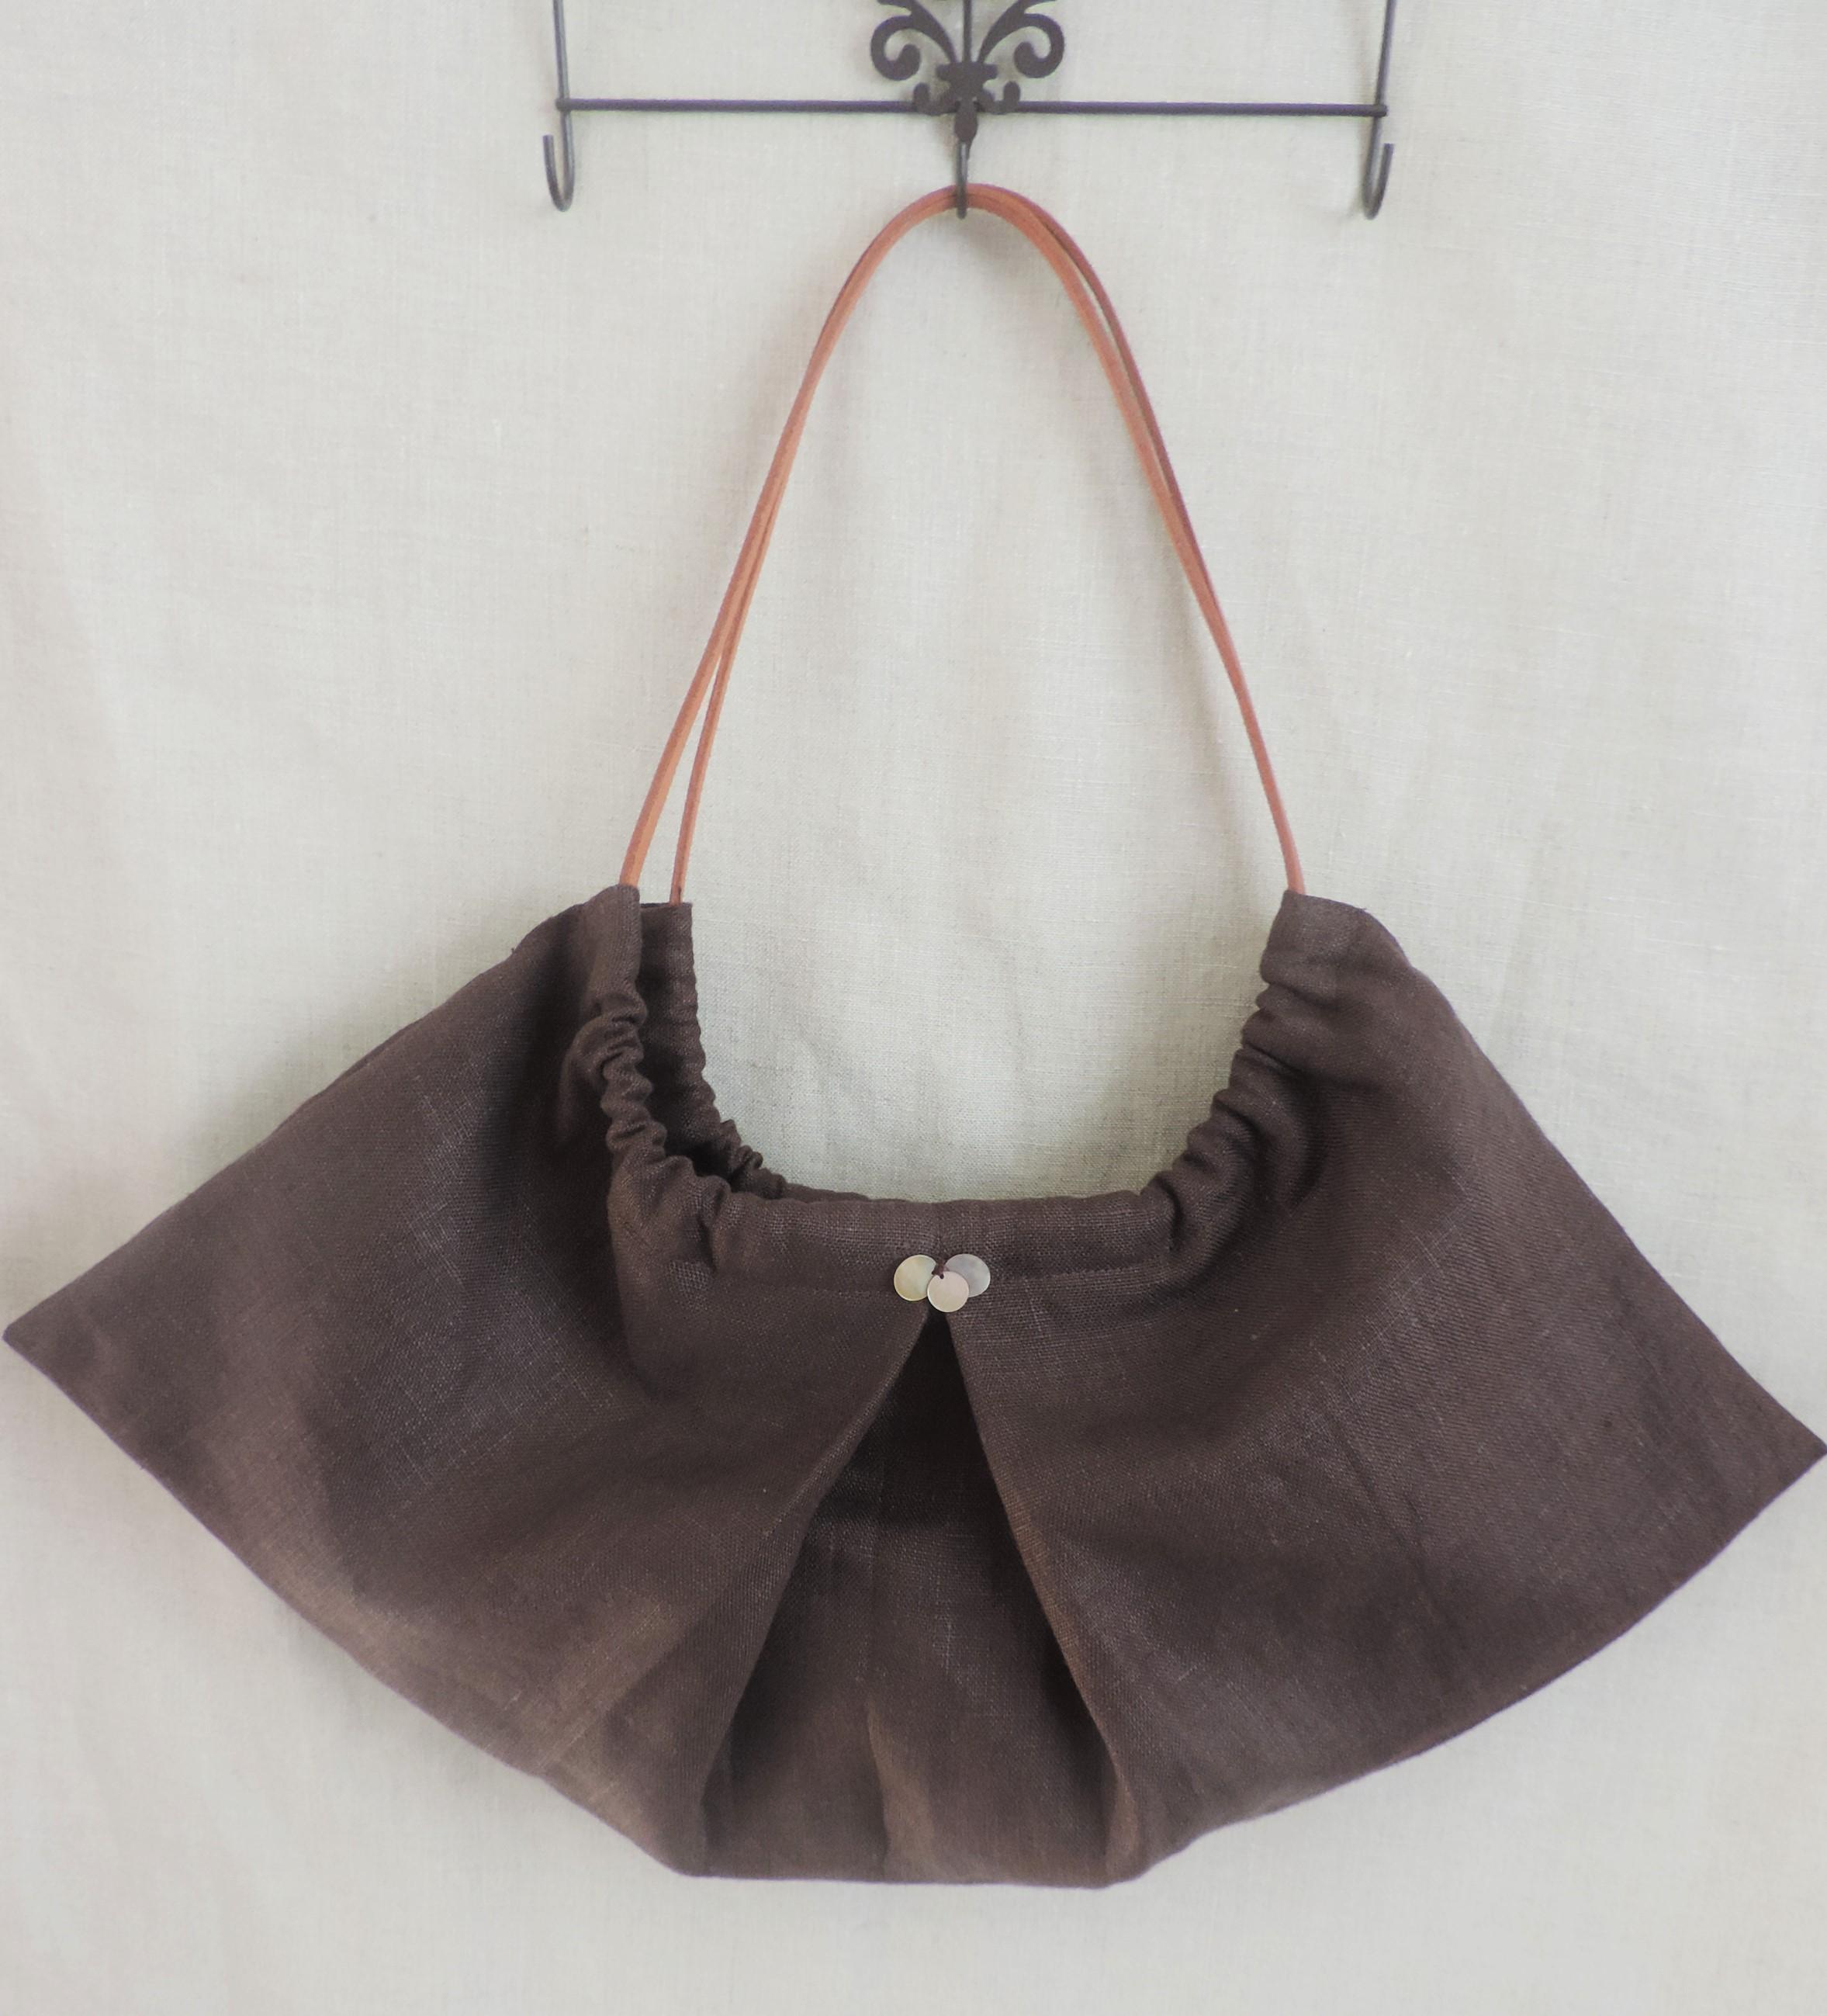 【春夏用♥】形の変化が可愛いプチバッグを手作りしました!